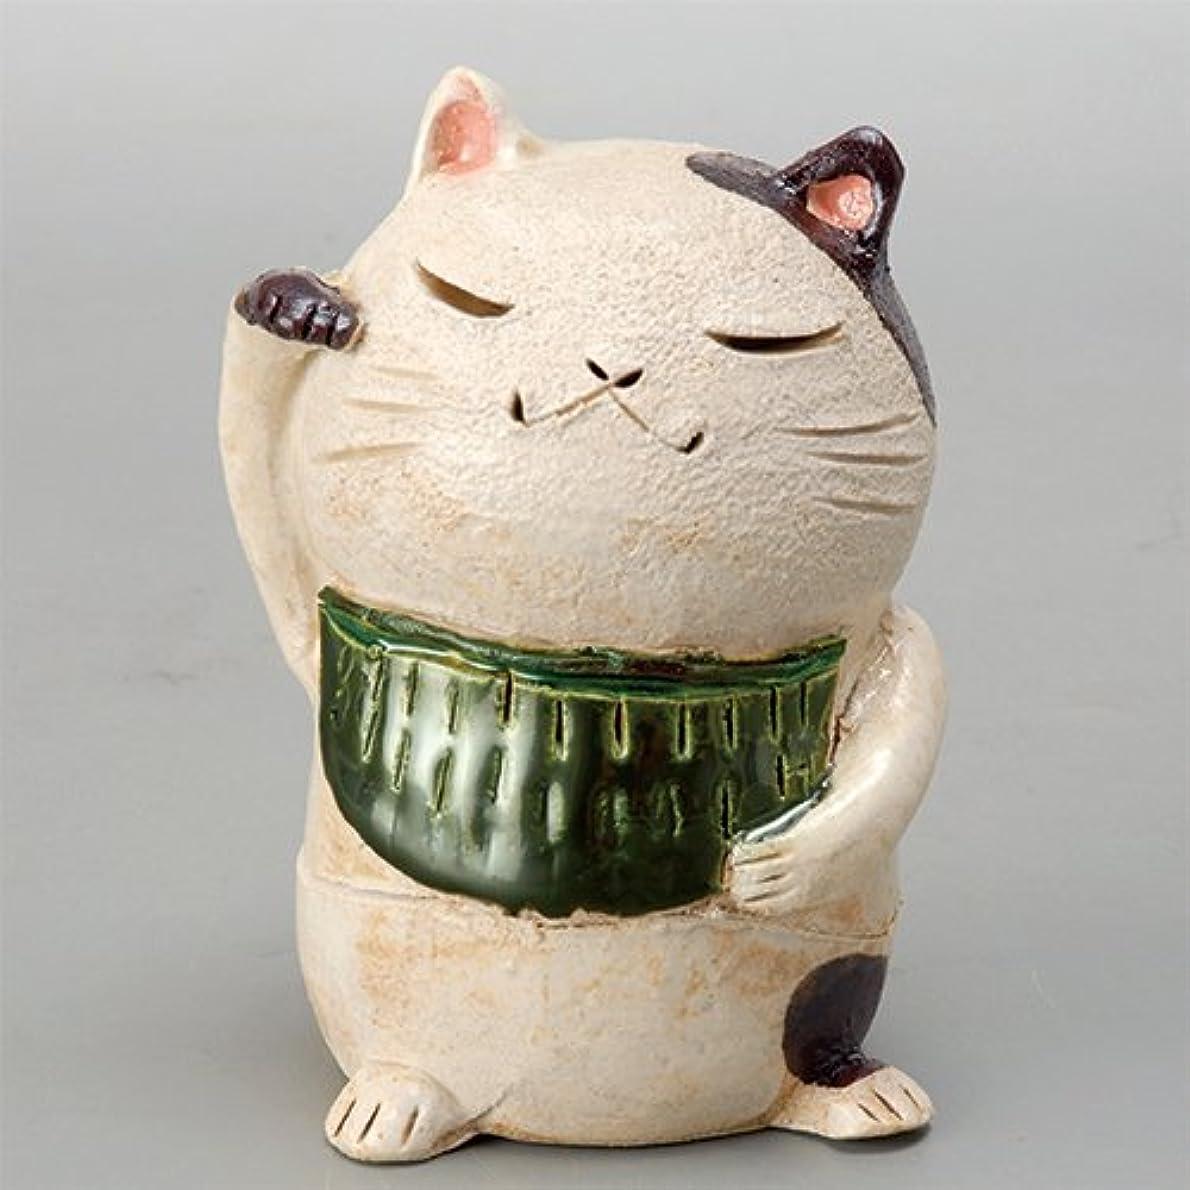 計画的松の木まで香炉 白萩 招き猫(お金)香炉(大) [H11cm] HANDMADE プレゼント ギフト 和食器 かわいい インテリア